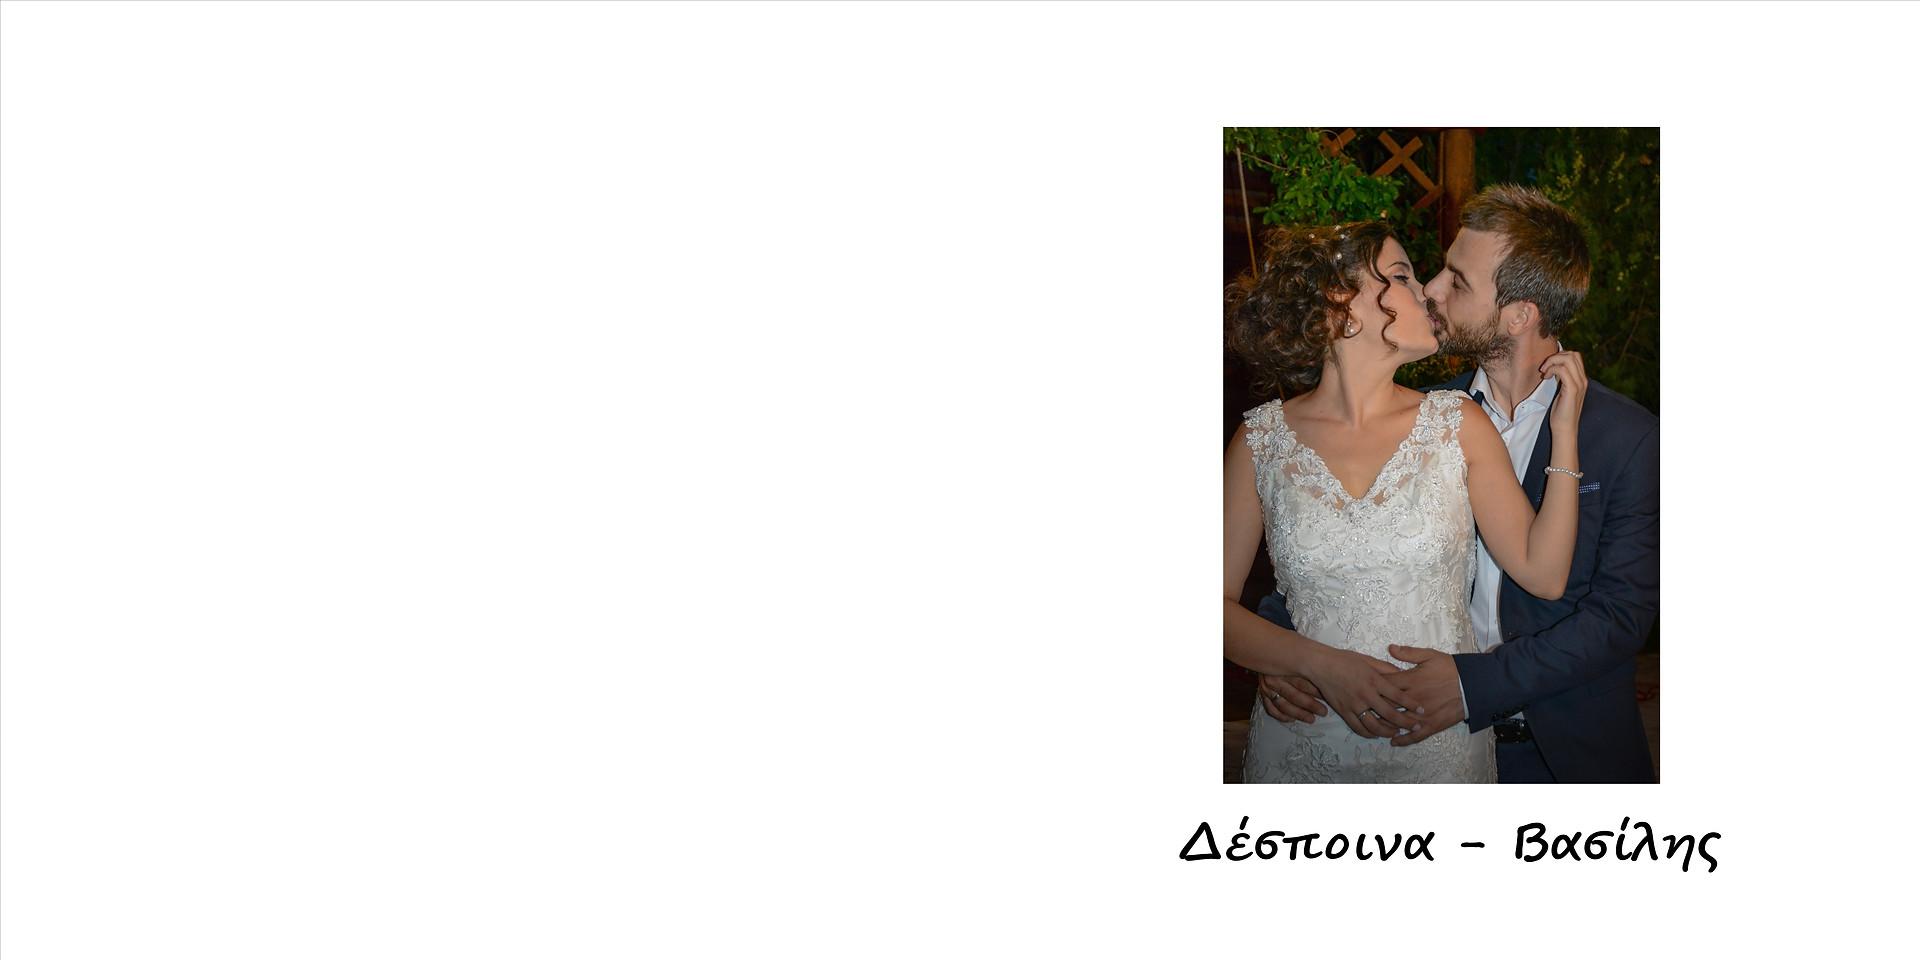 page 0 eksofilo.jpg